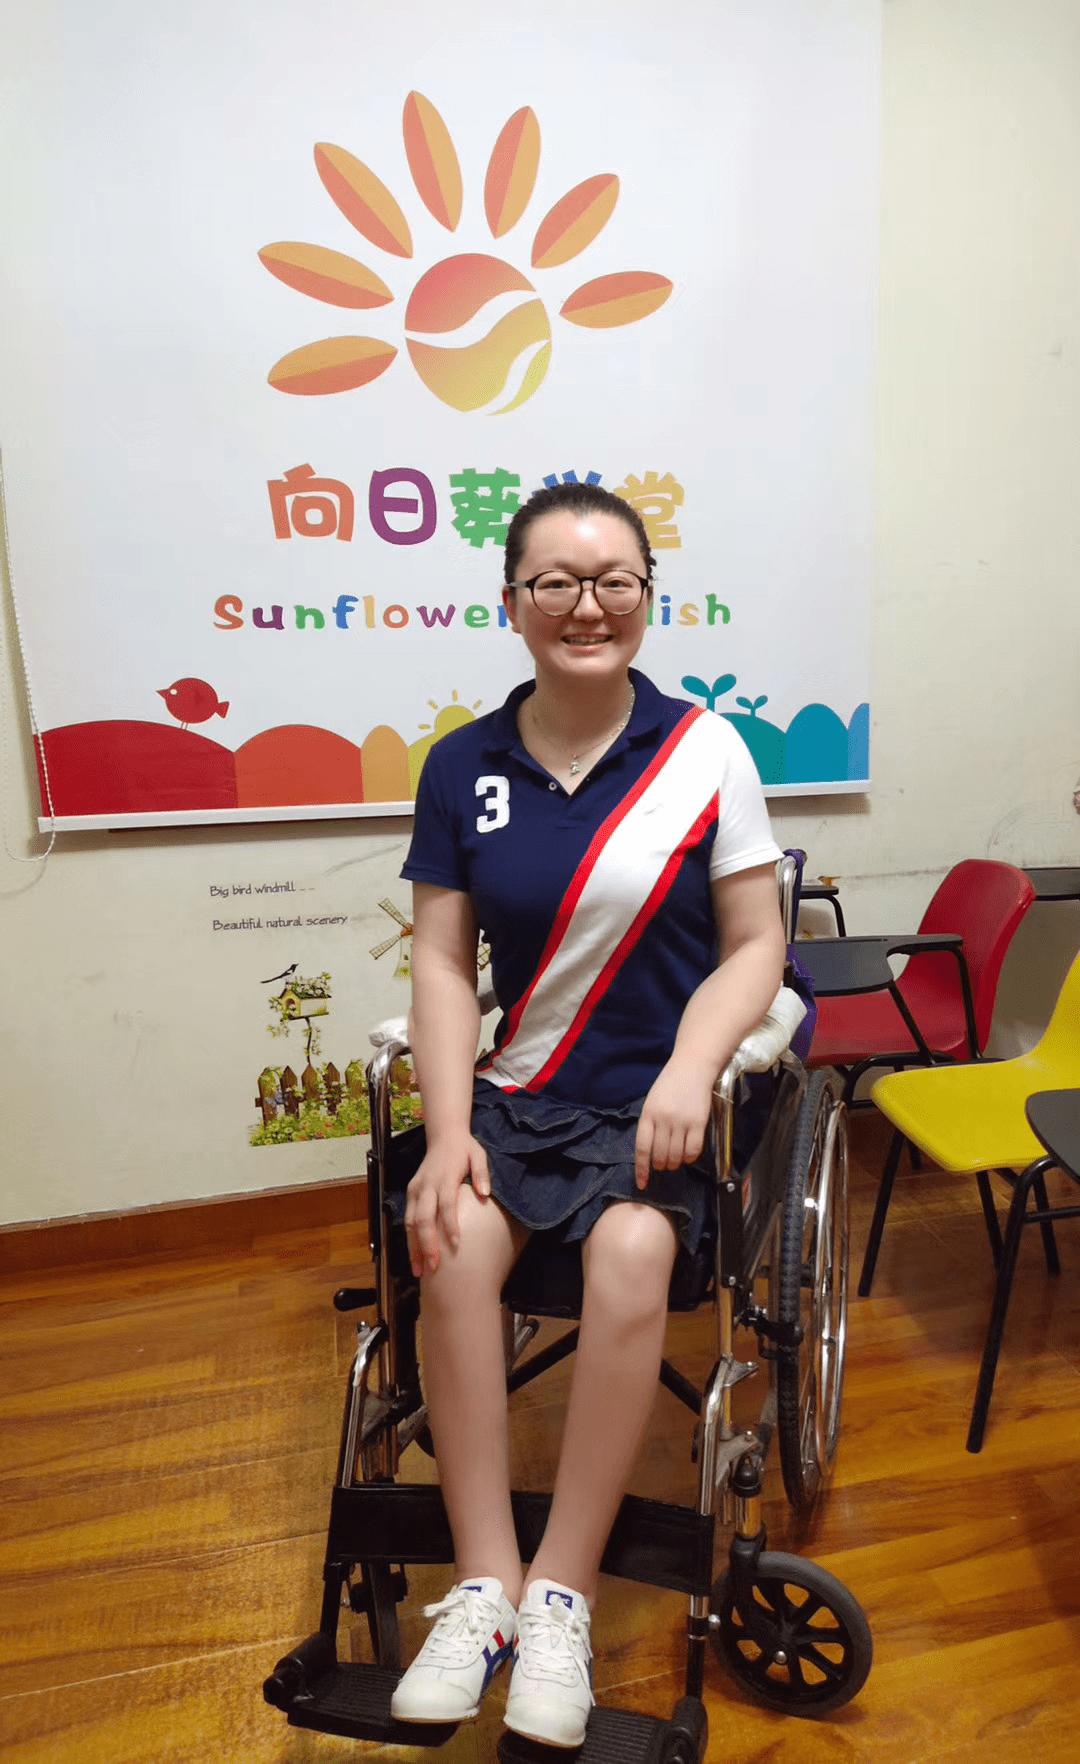 无法获得教师资格的截瘫女硕士:用轮椅支撑上身写面试板书